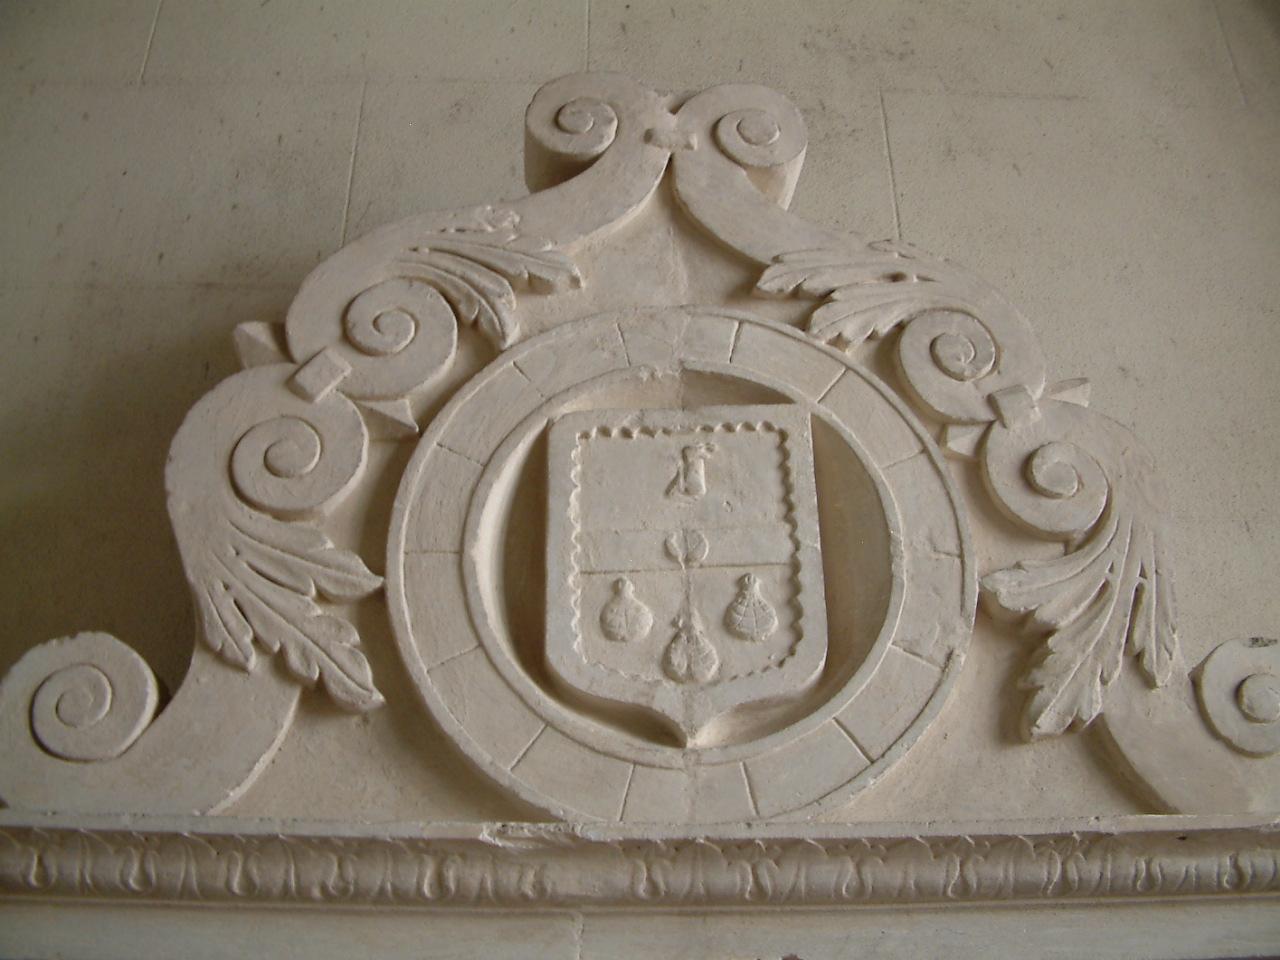 Warham Crest